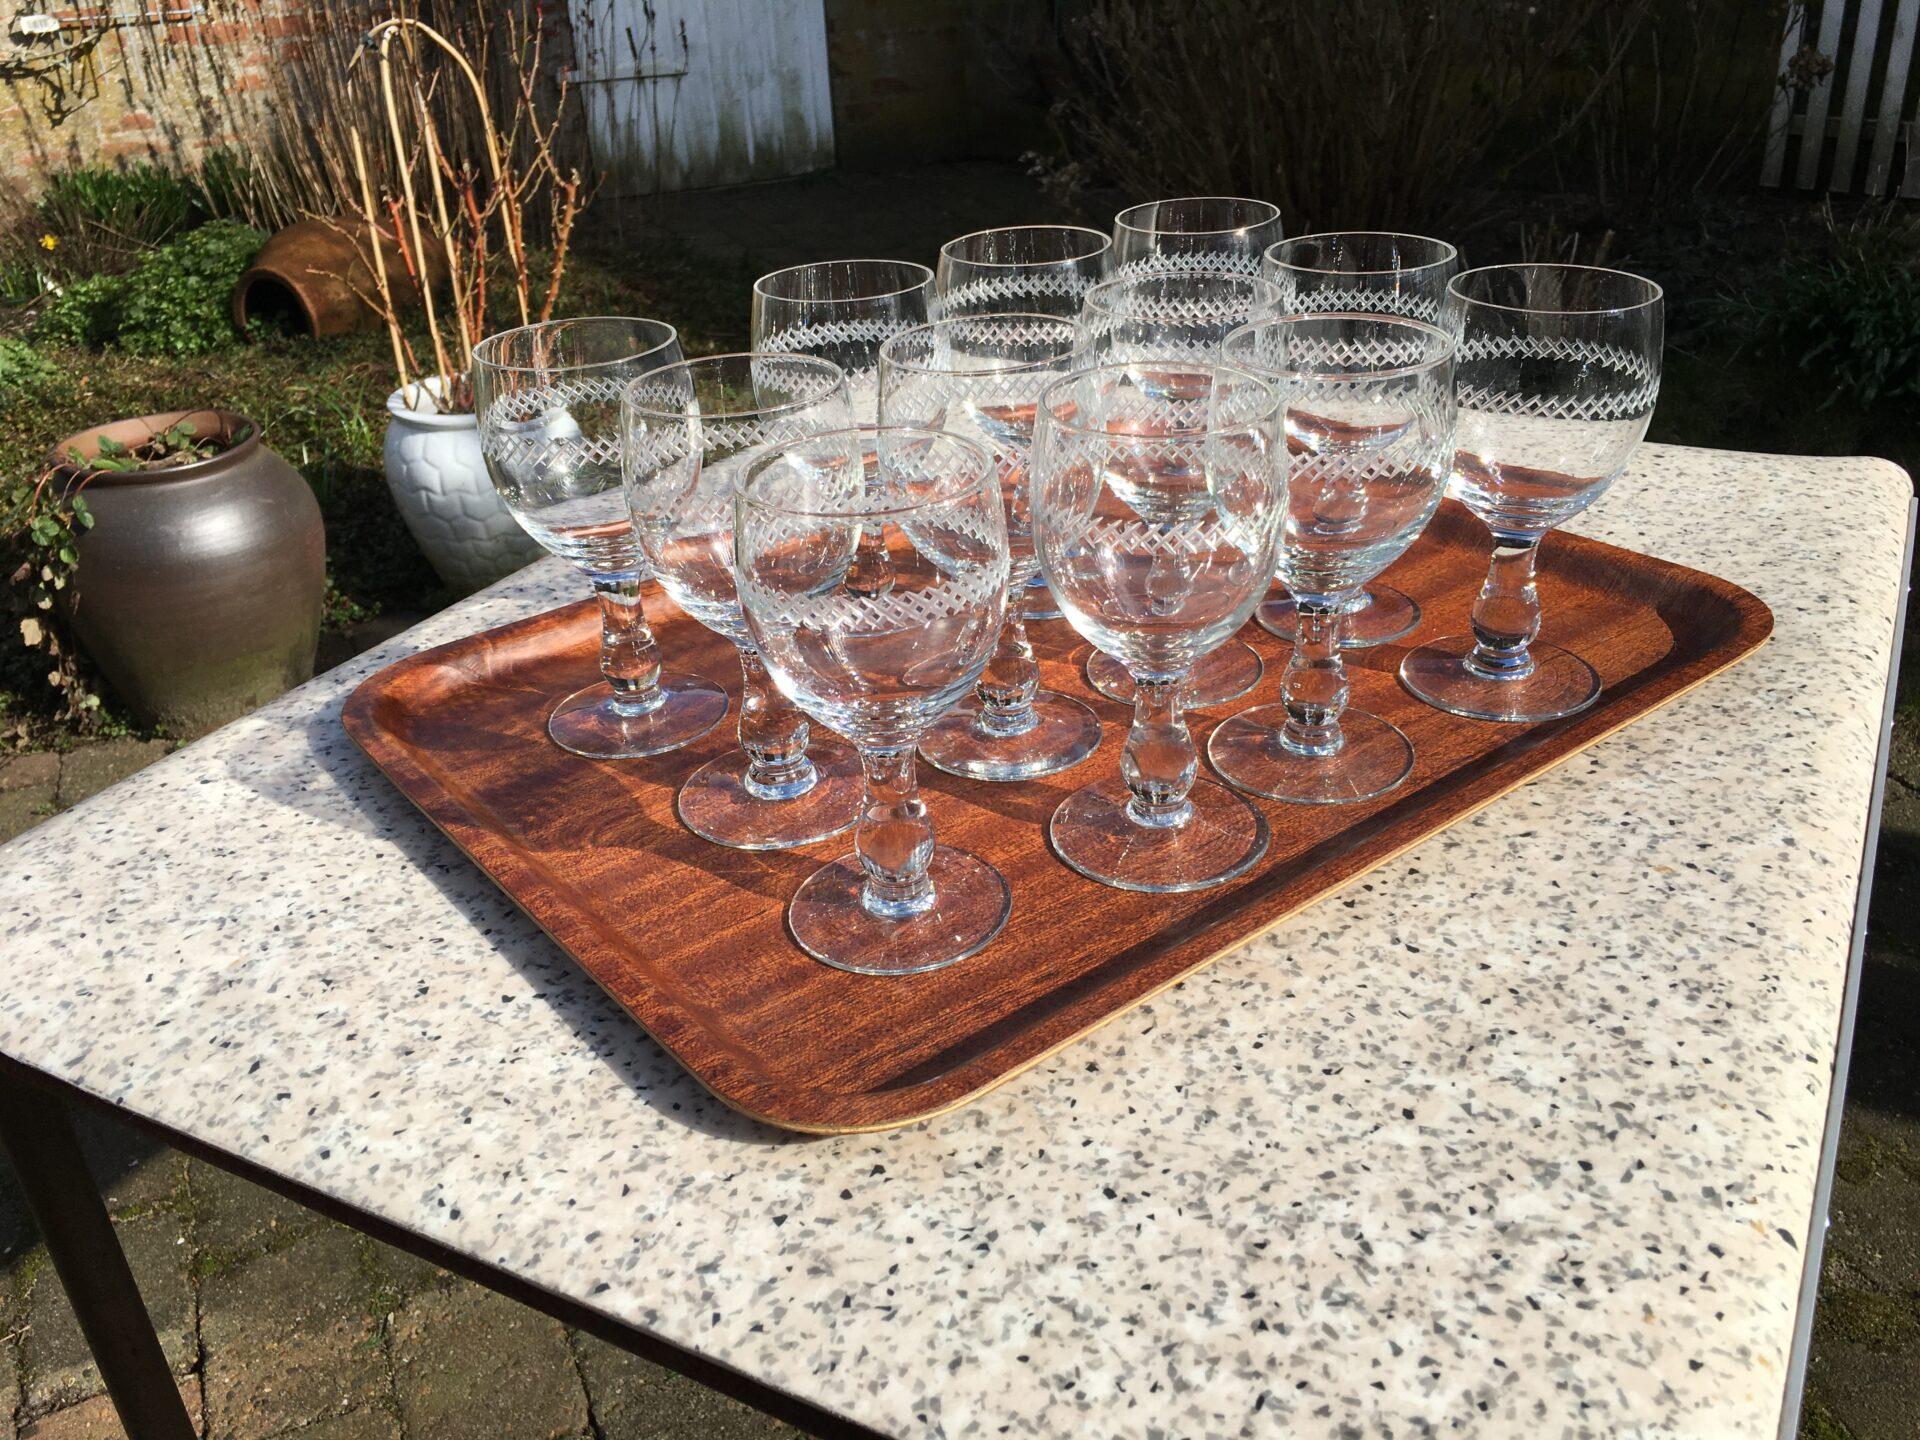 12 stk fejlfri og nyvaskede porterglas med krydsslibninger, Kastrup Glasværk 1934, samlet pris 1800k